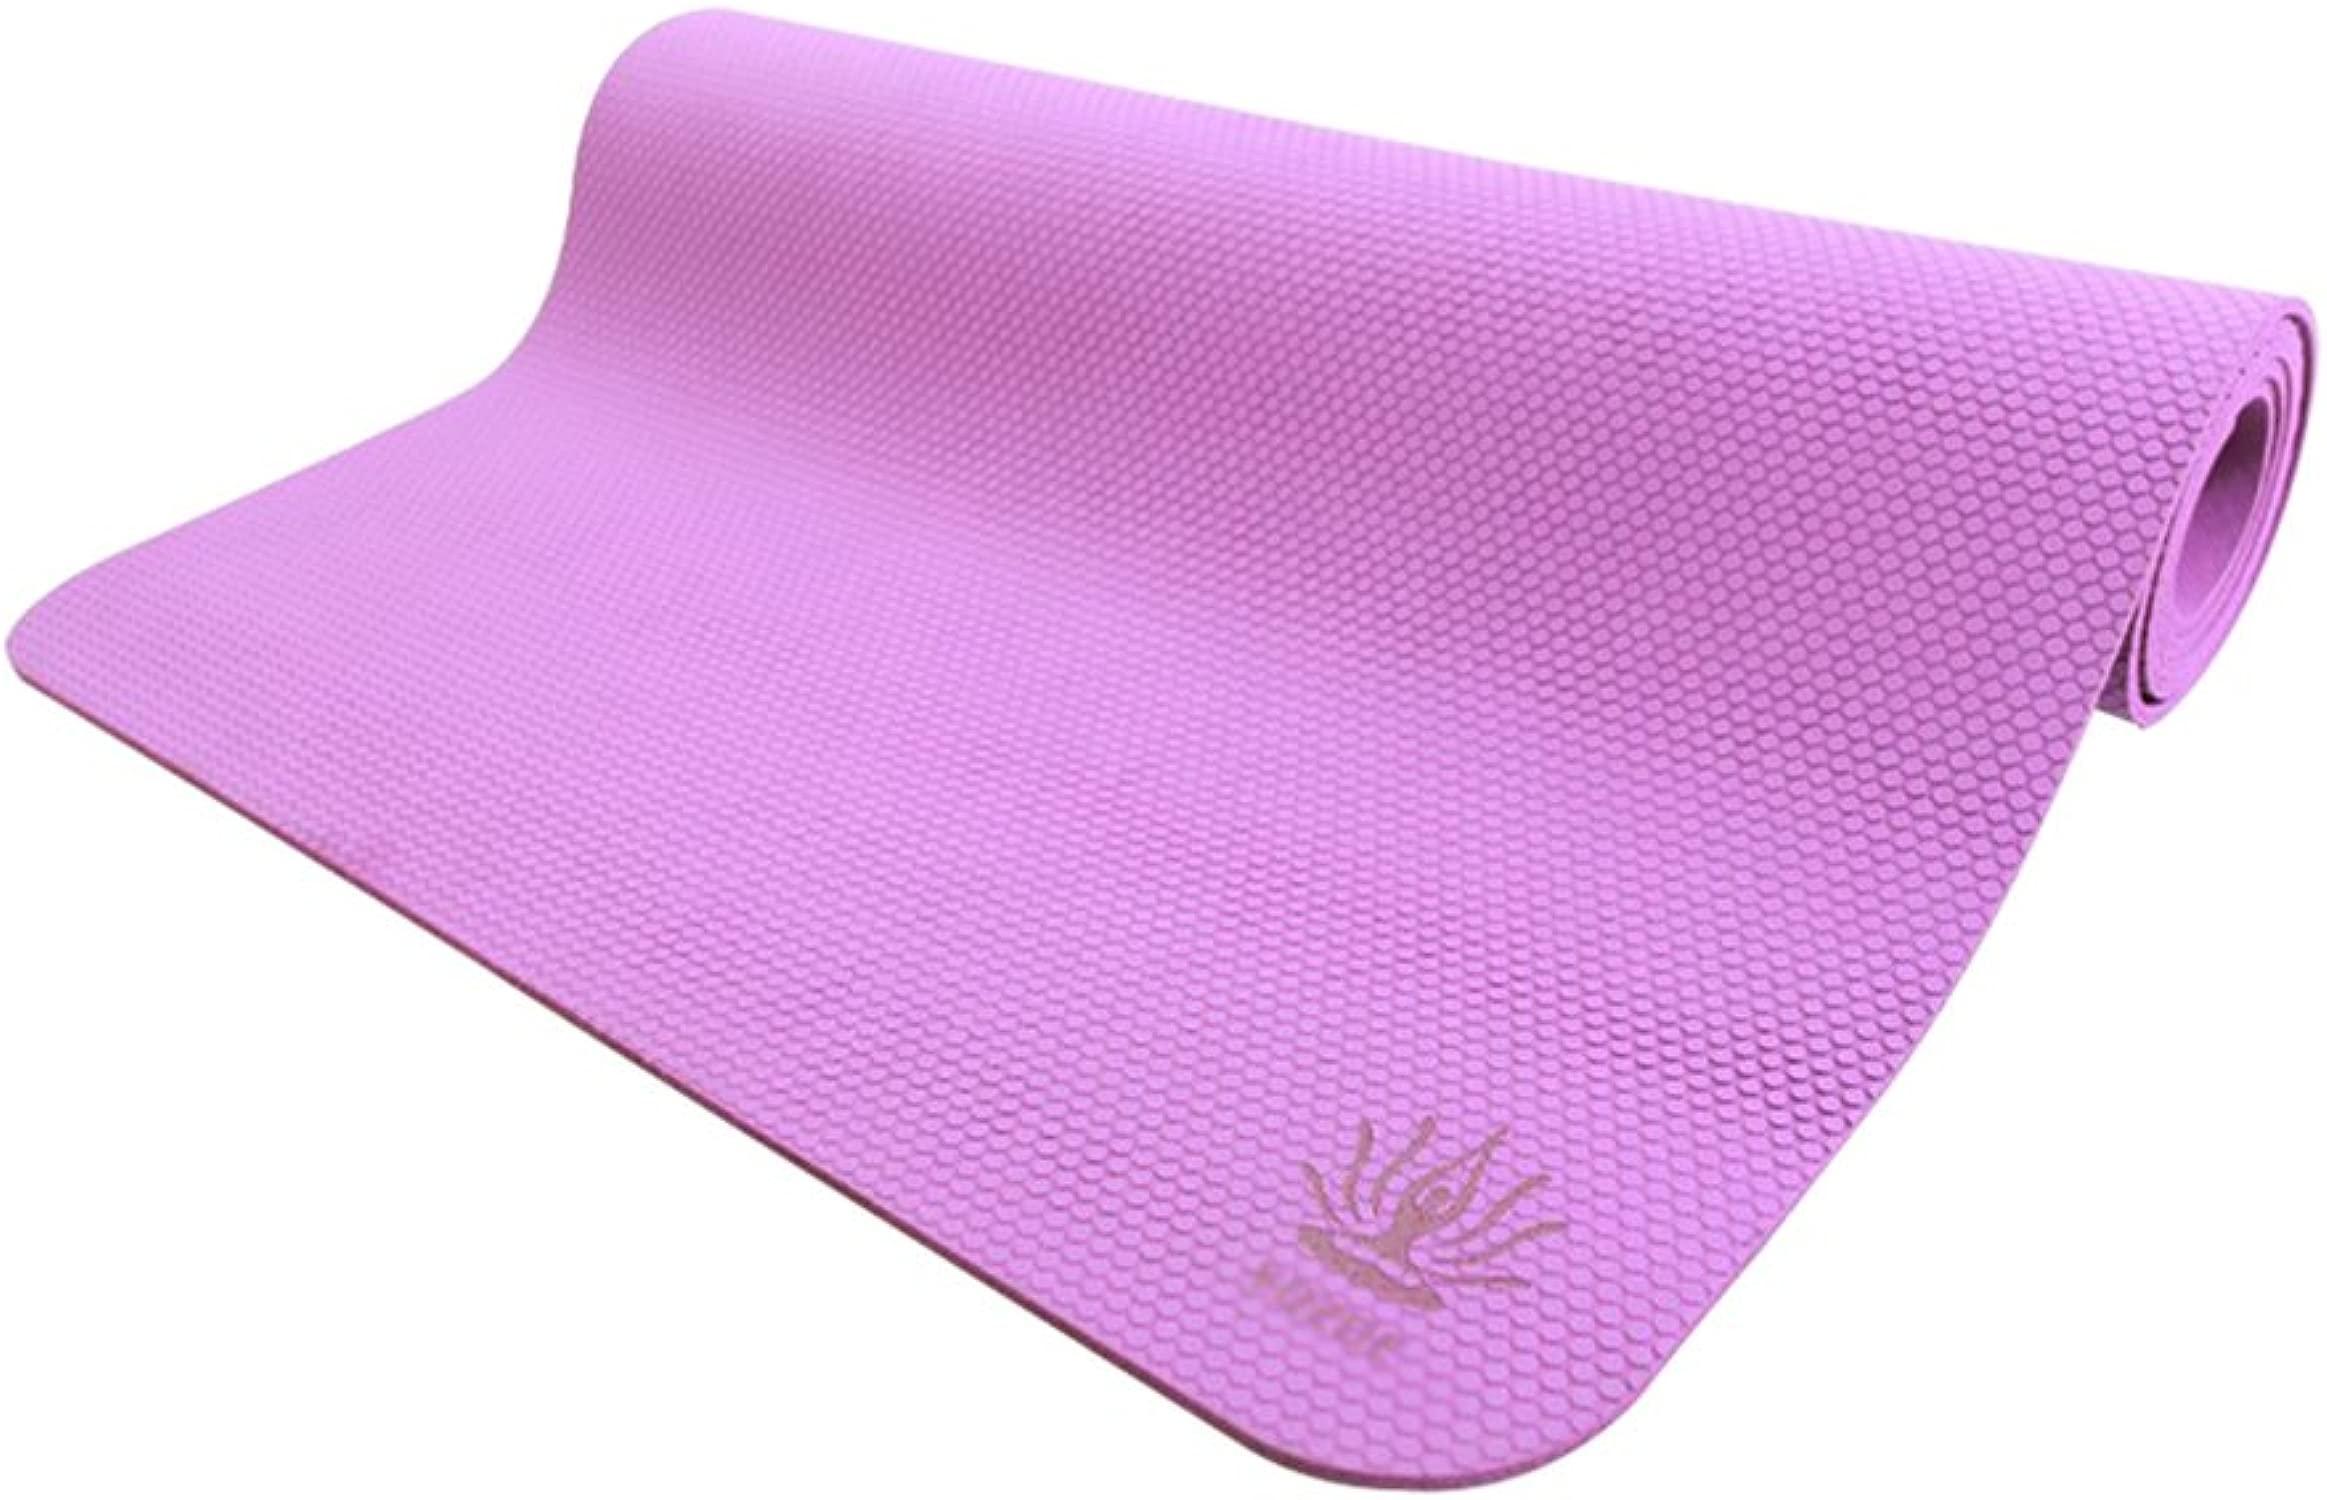 GXY Yogamatte , rutschfeste Dicke Auflage Pilates , 4 Farben 4MM faltbar